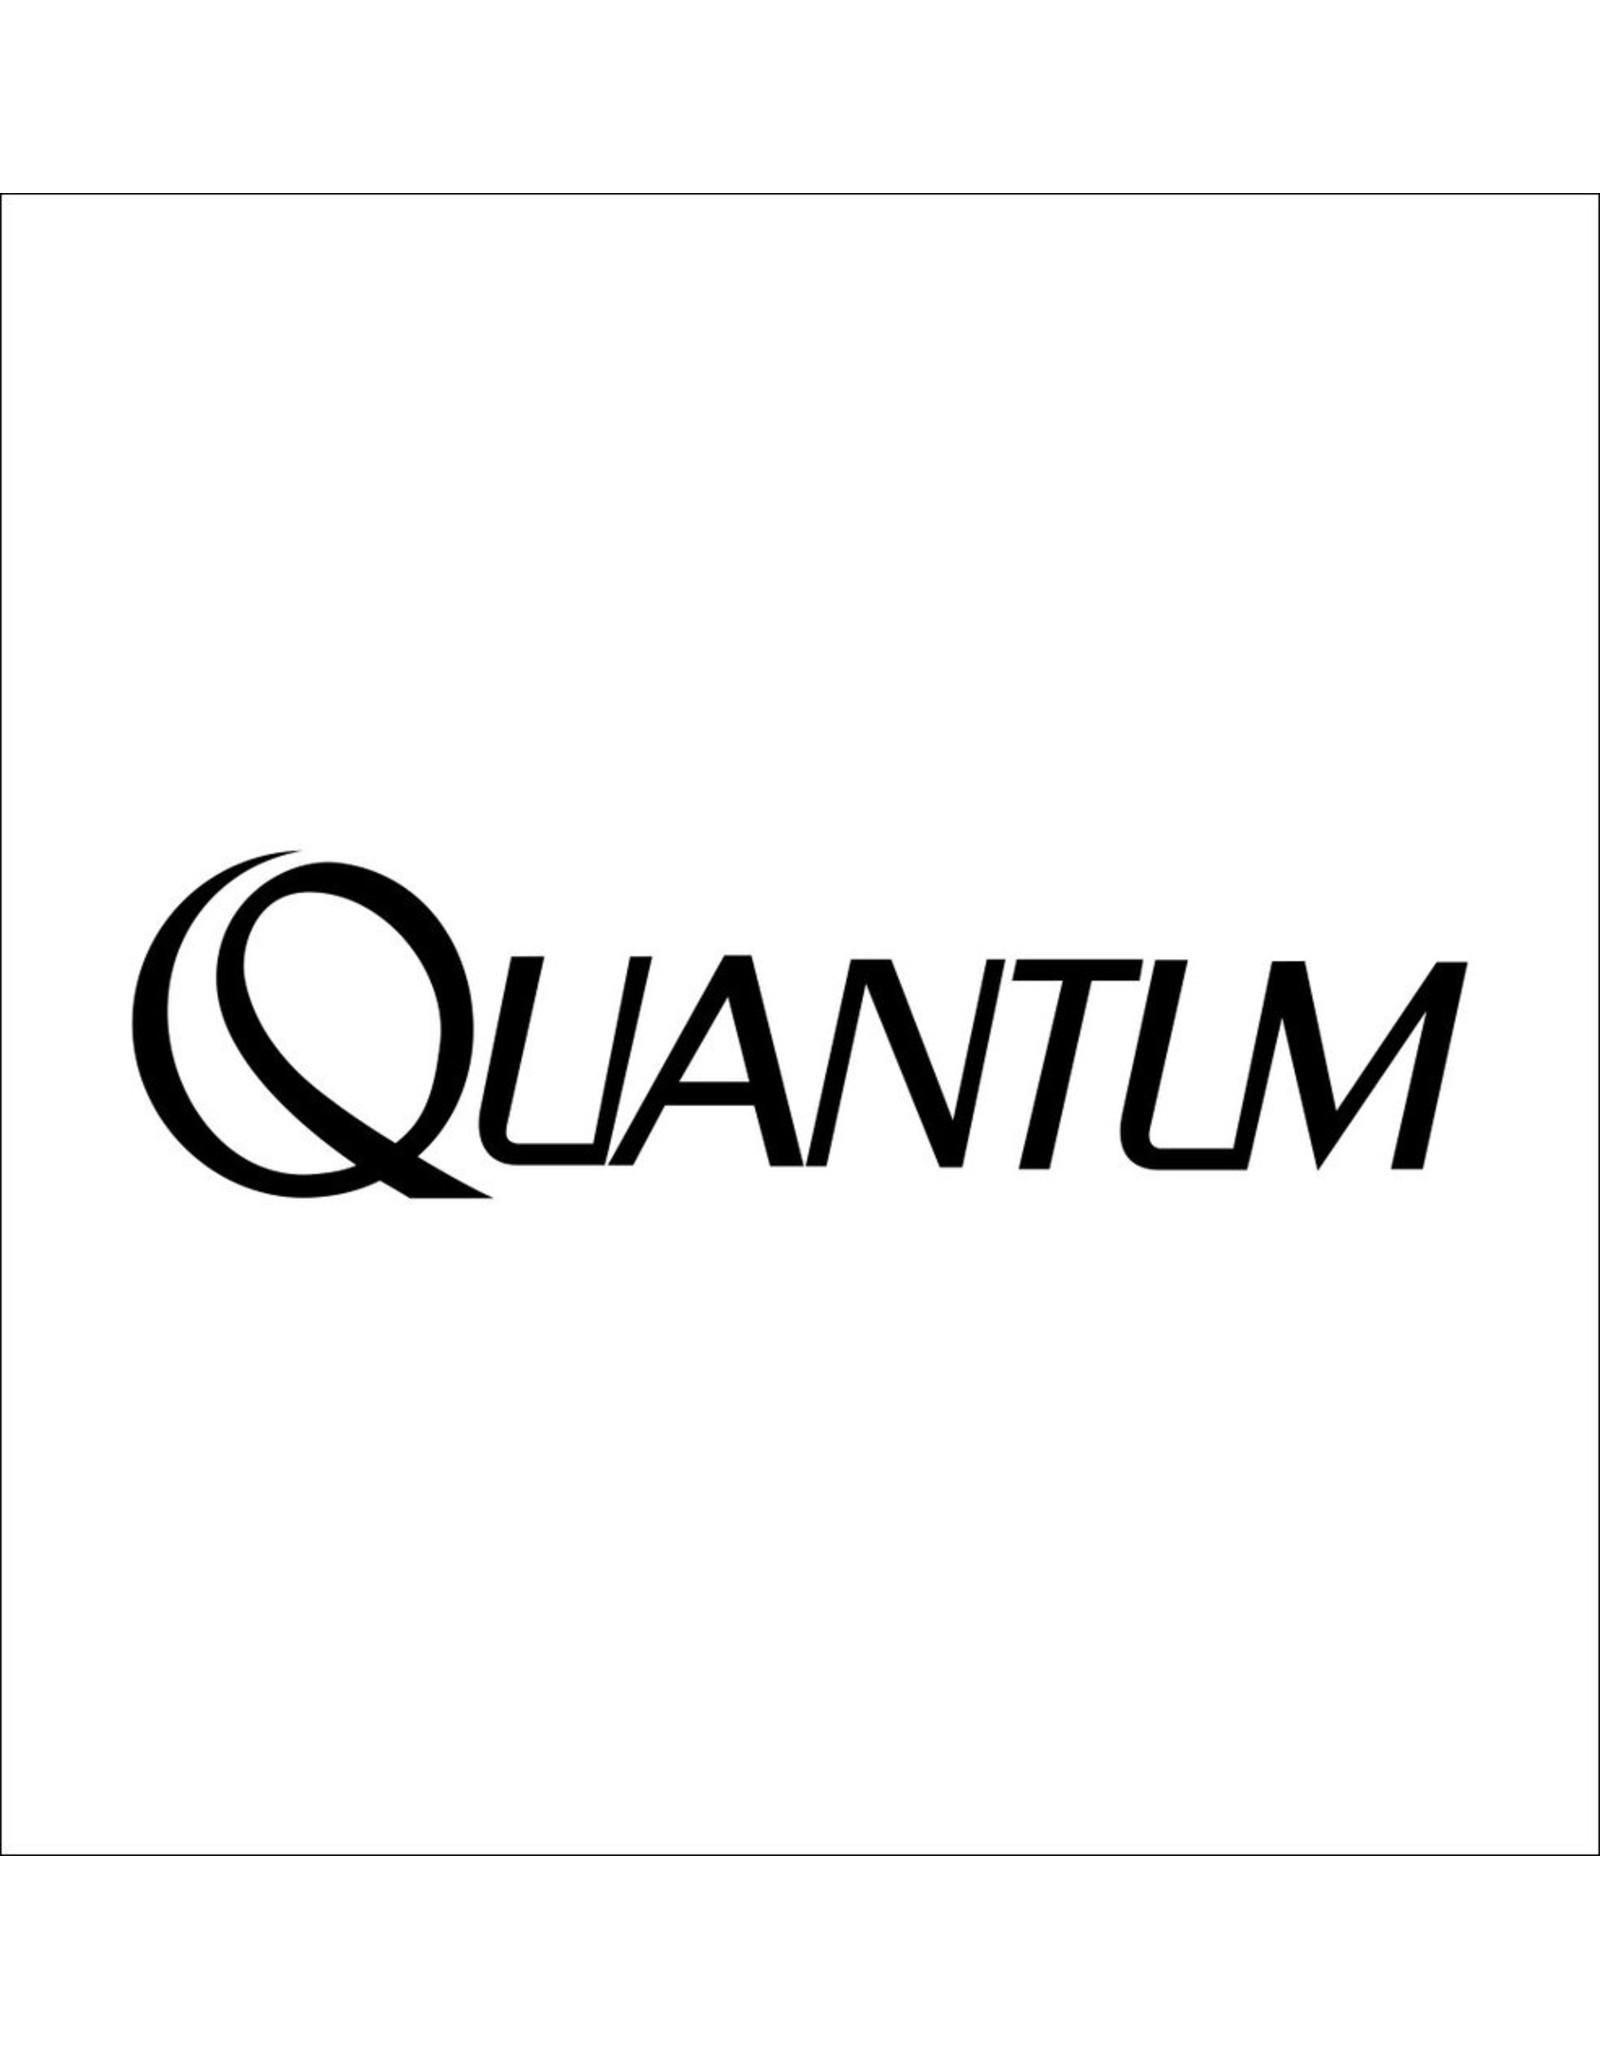 Quantum BODY COVER BSP60ptsc